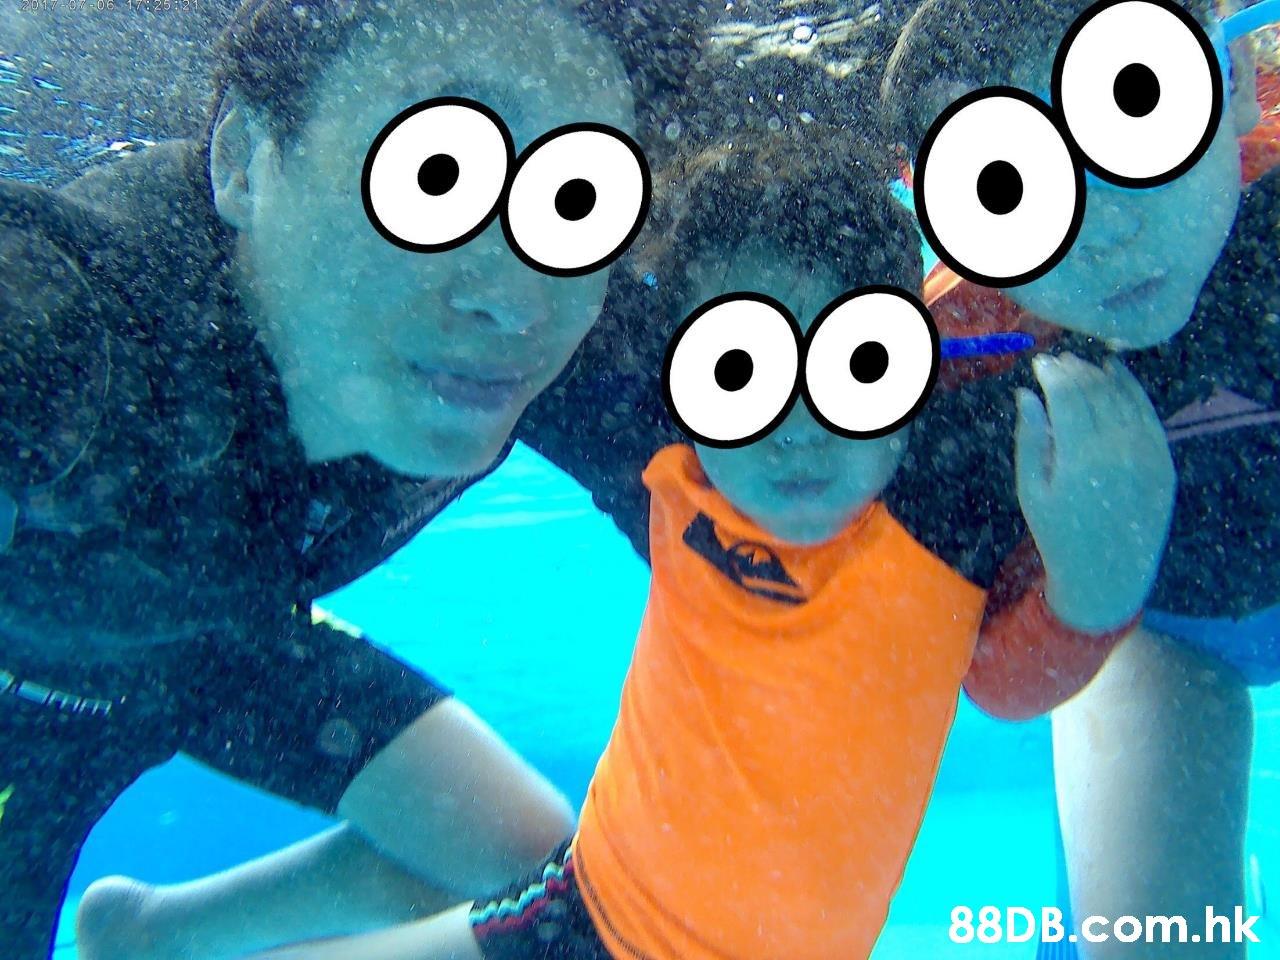 .hk  Stuffed toy,Aqua,Plush,Turquoise,Animation